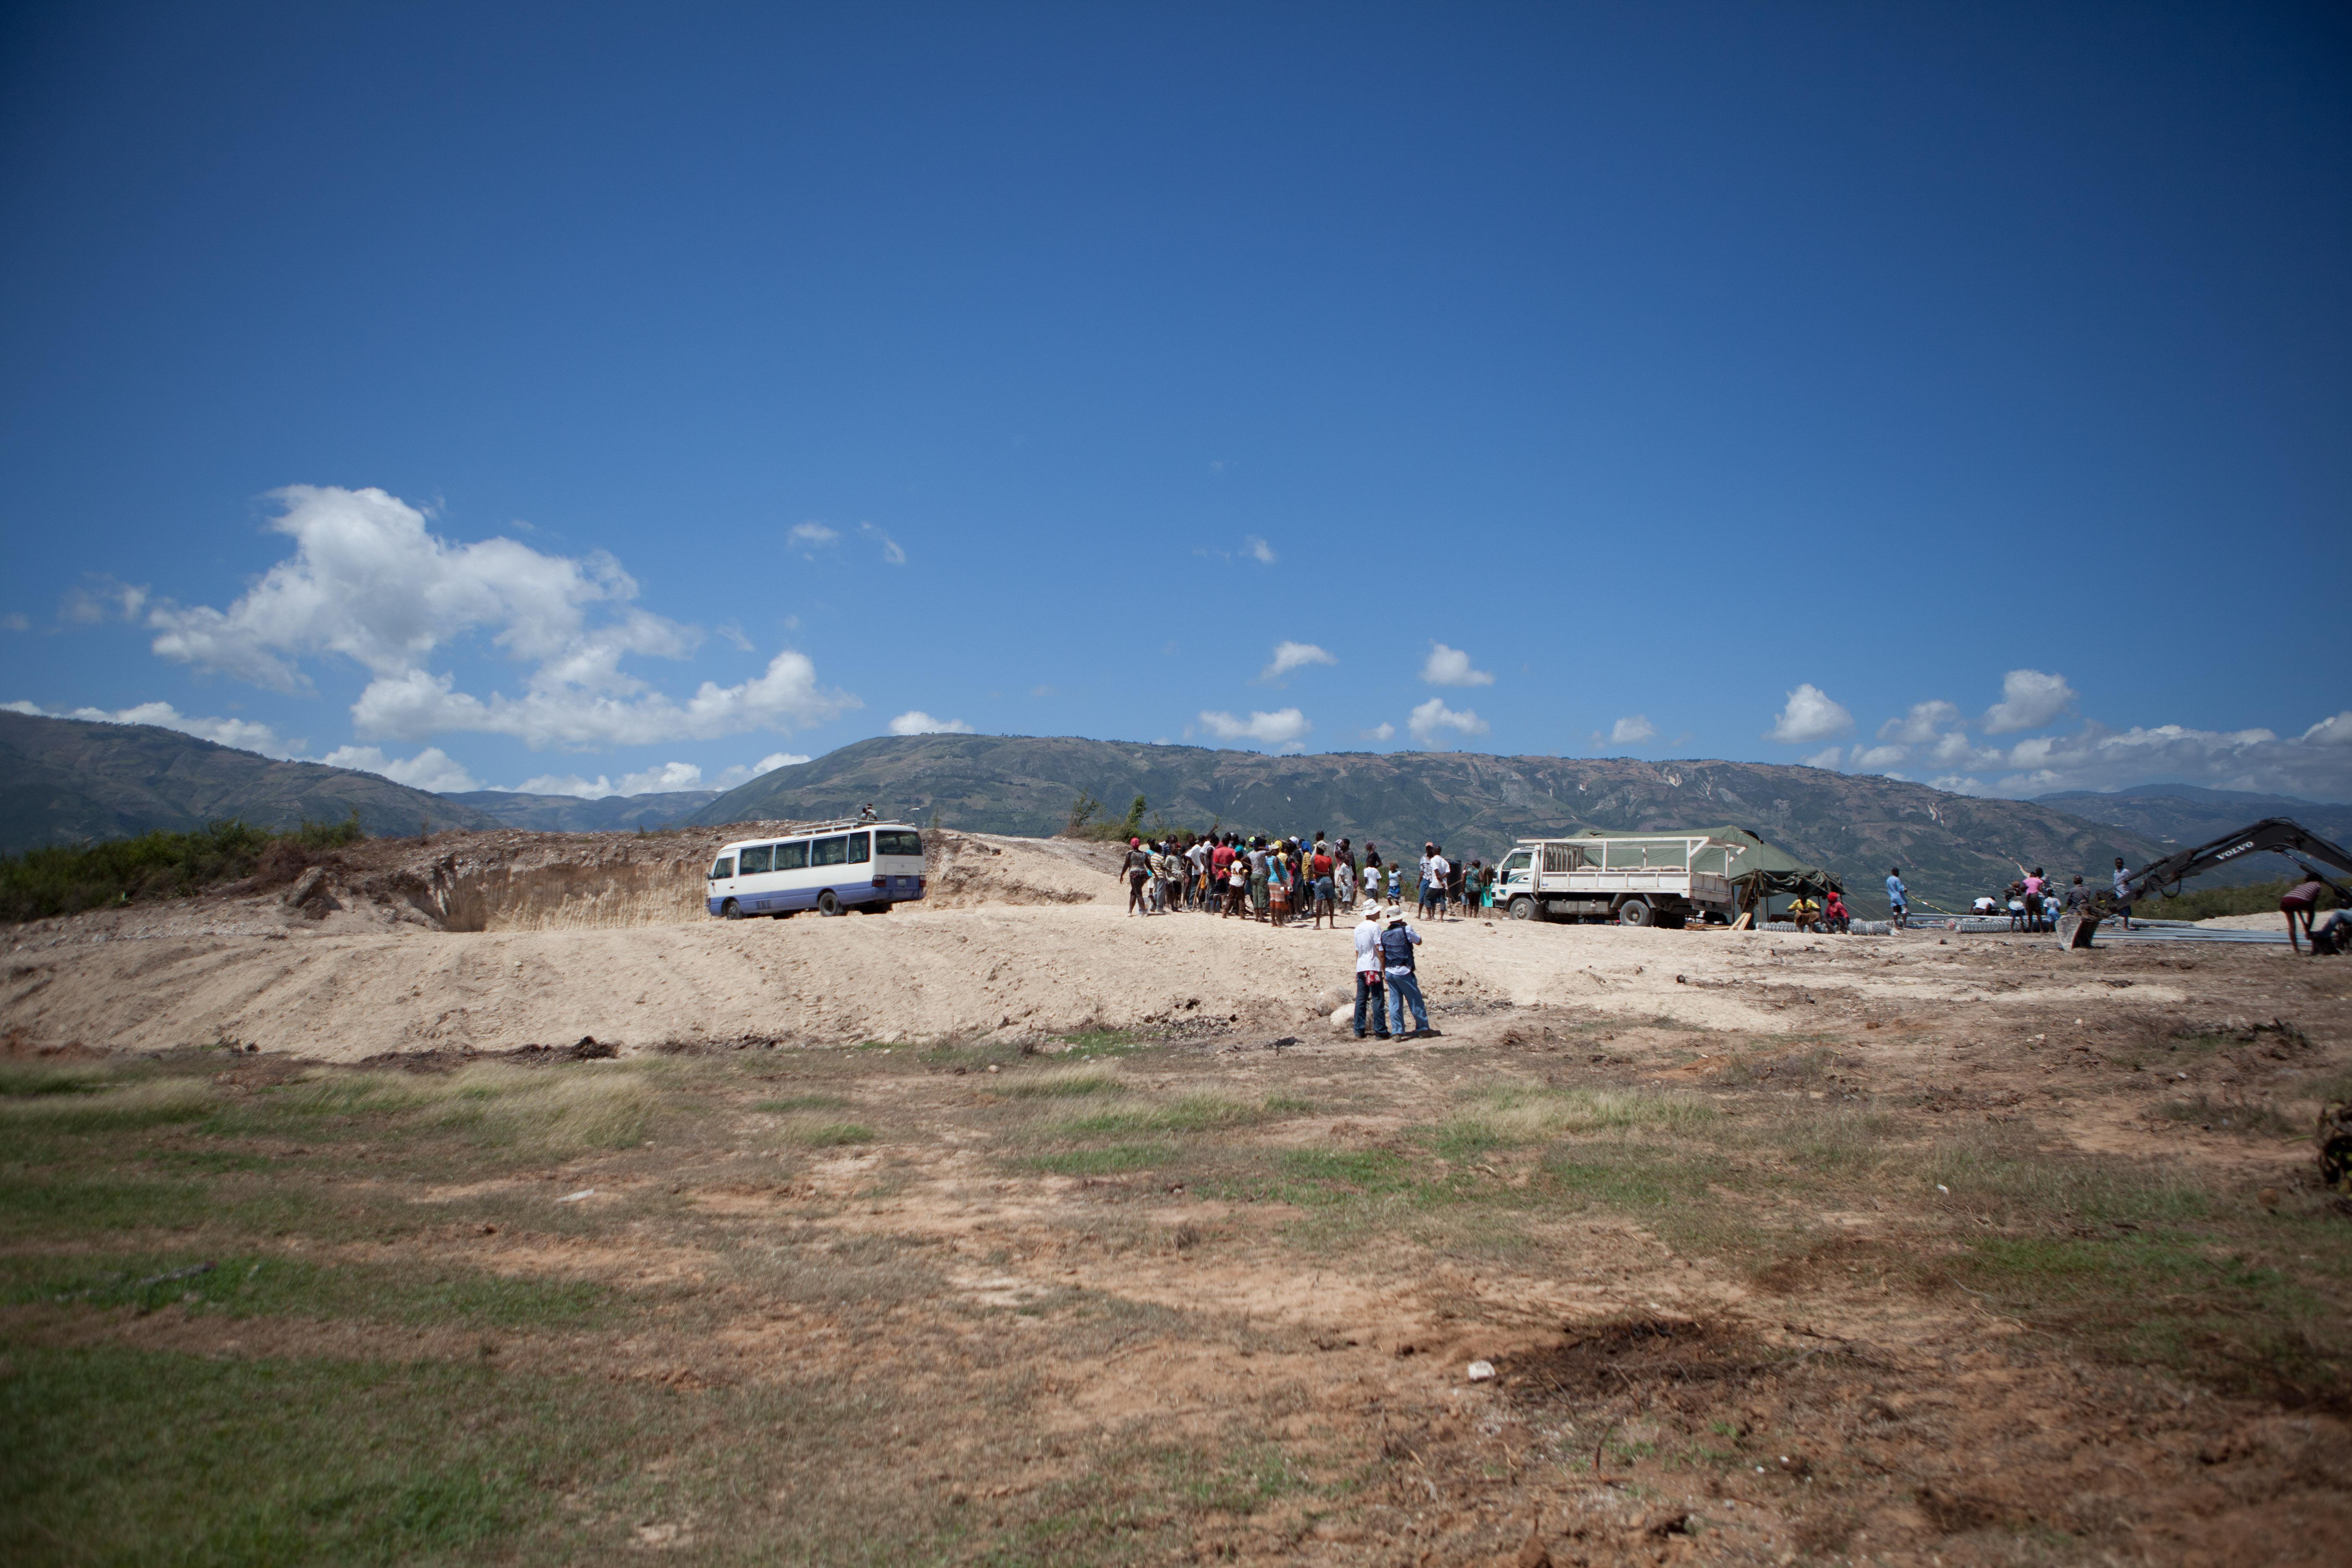 2011 아이티단기선교 건축현장 (2)